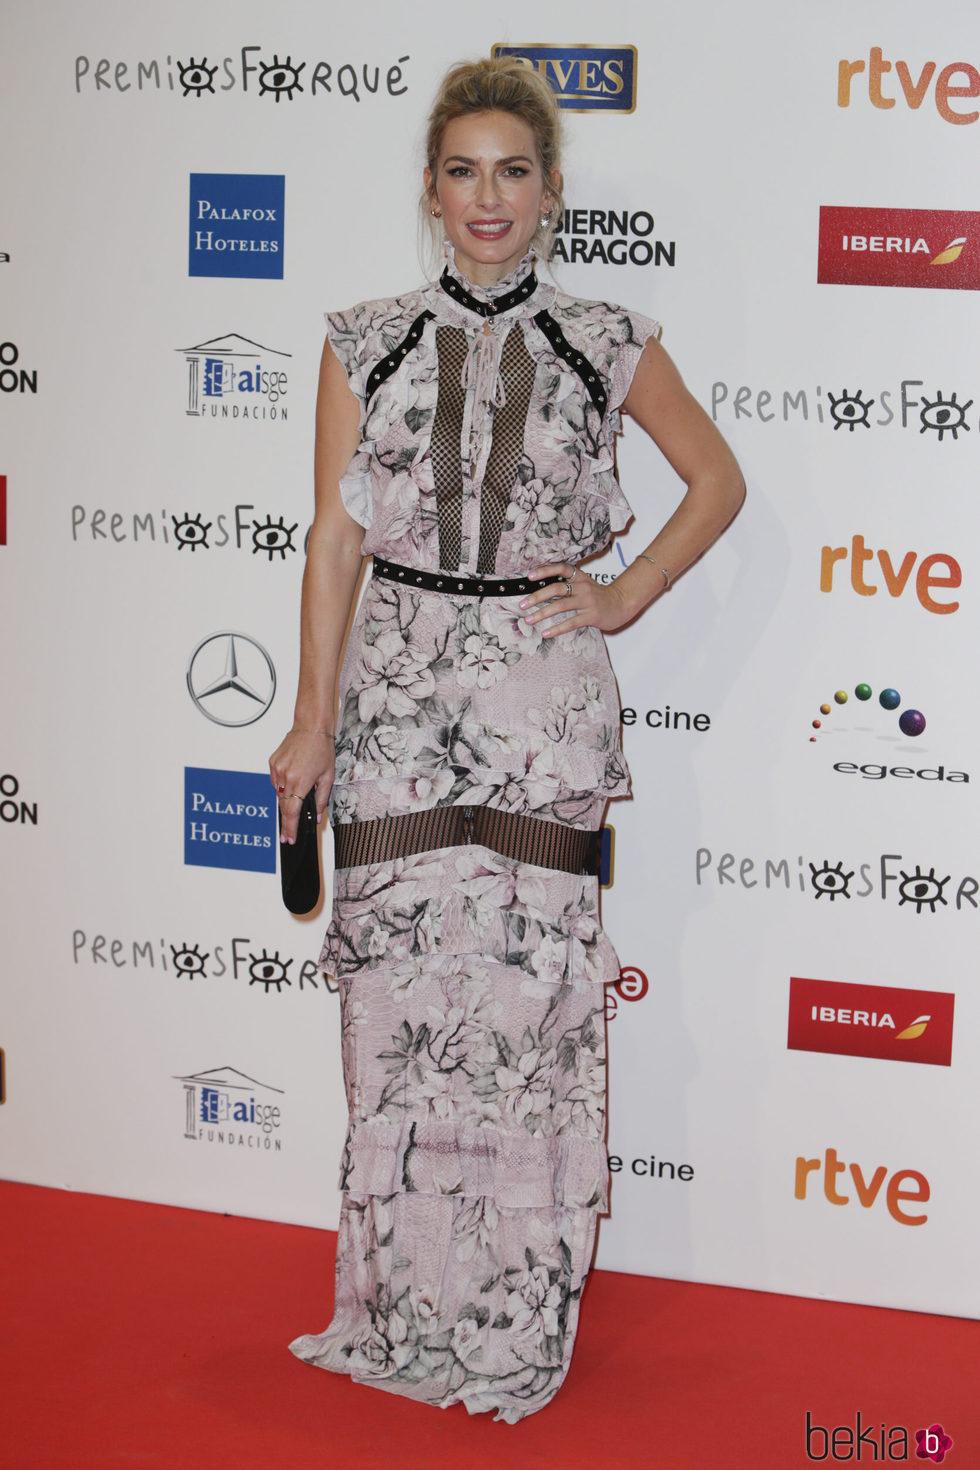 Kira Miró en la alfombra roja de los Premios Forqué 2018